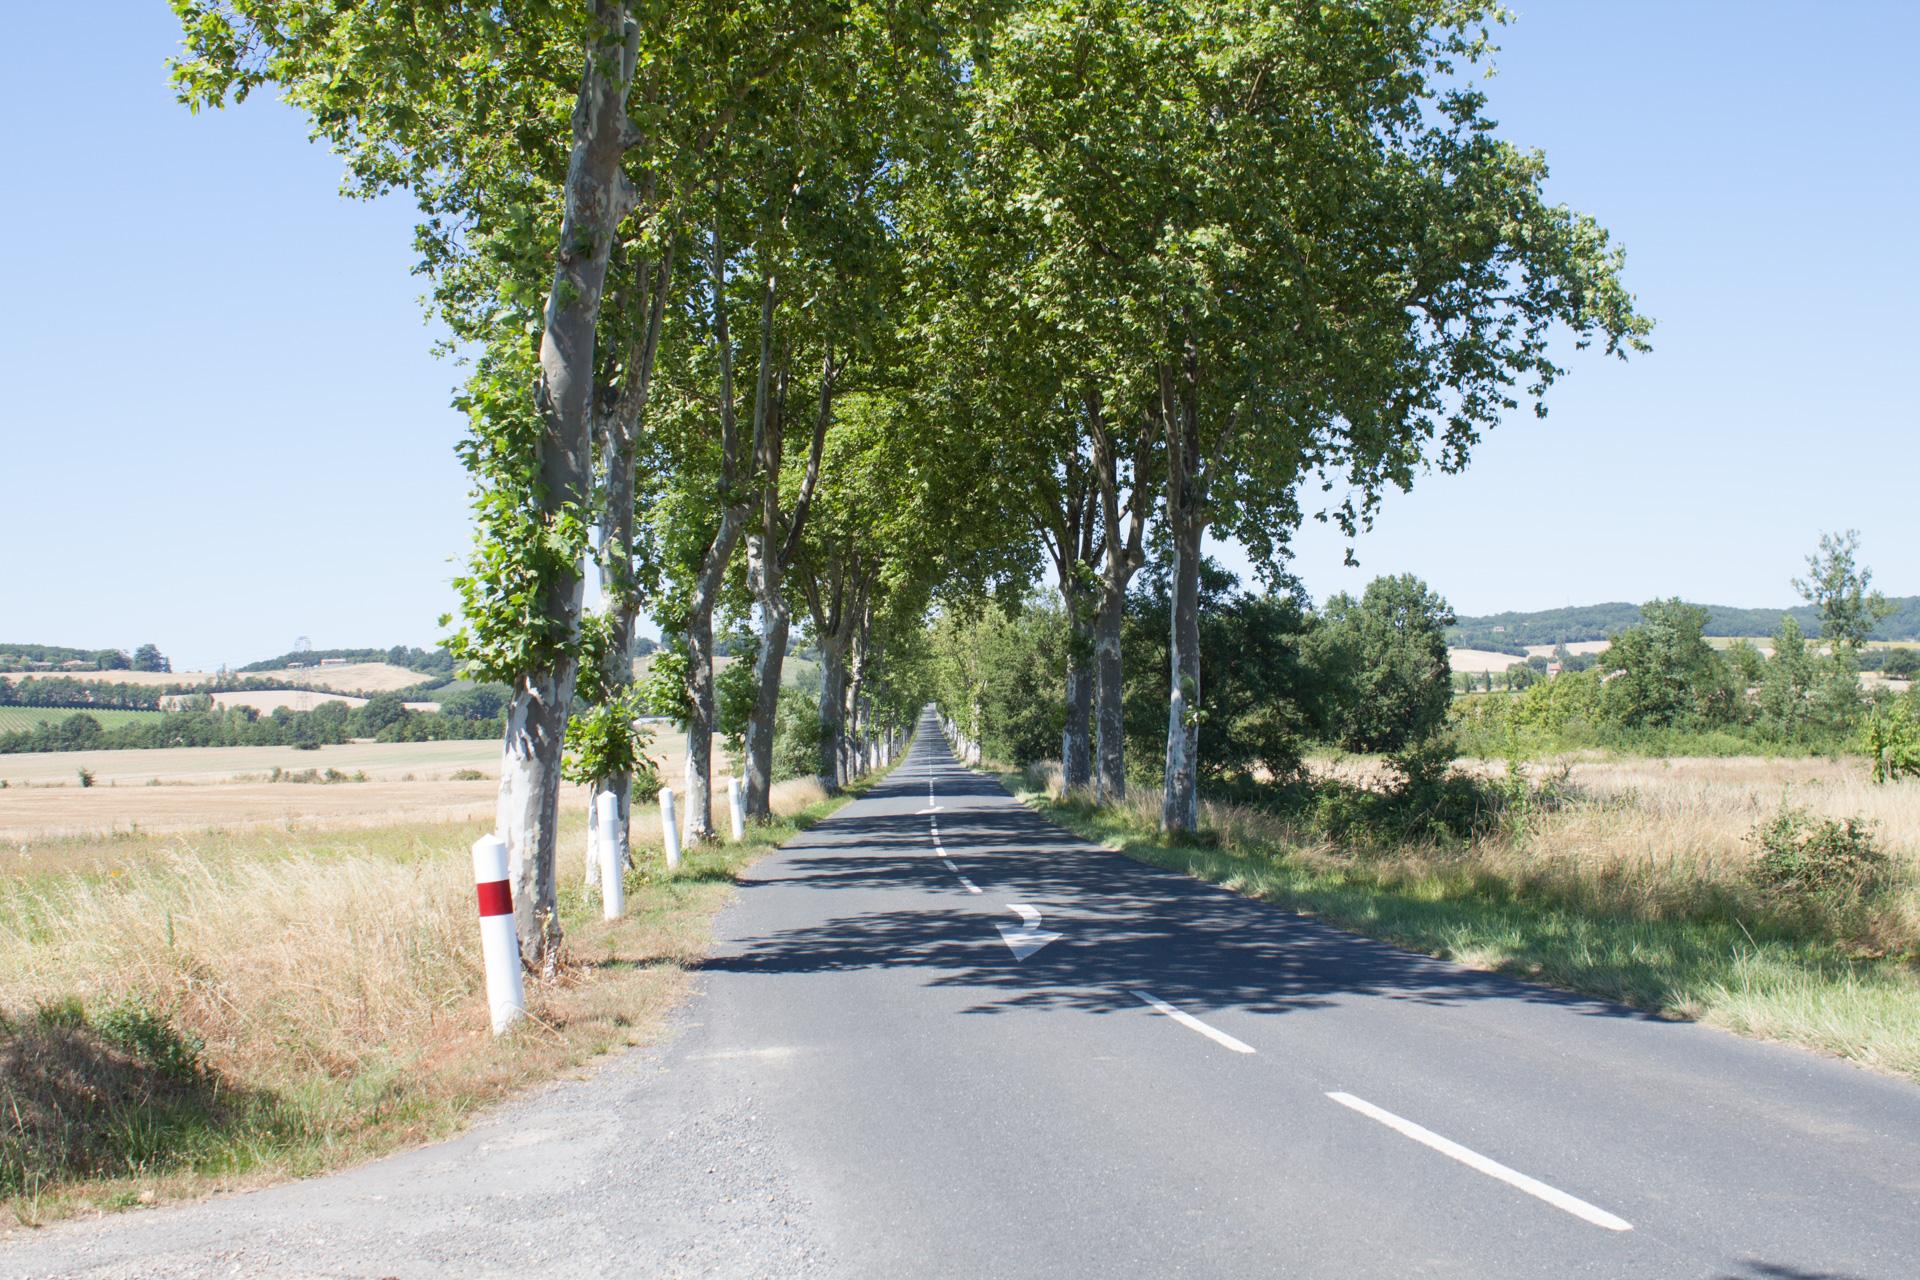 route d'accès avec allée de platane